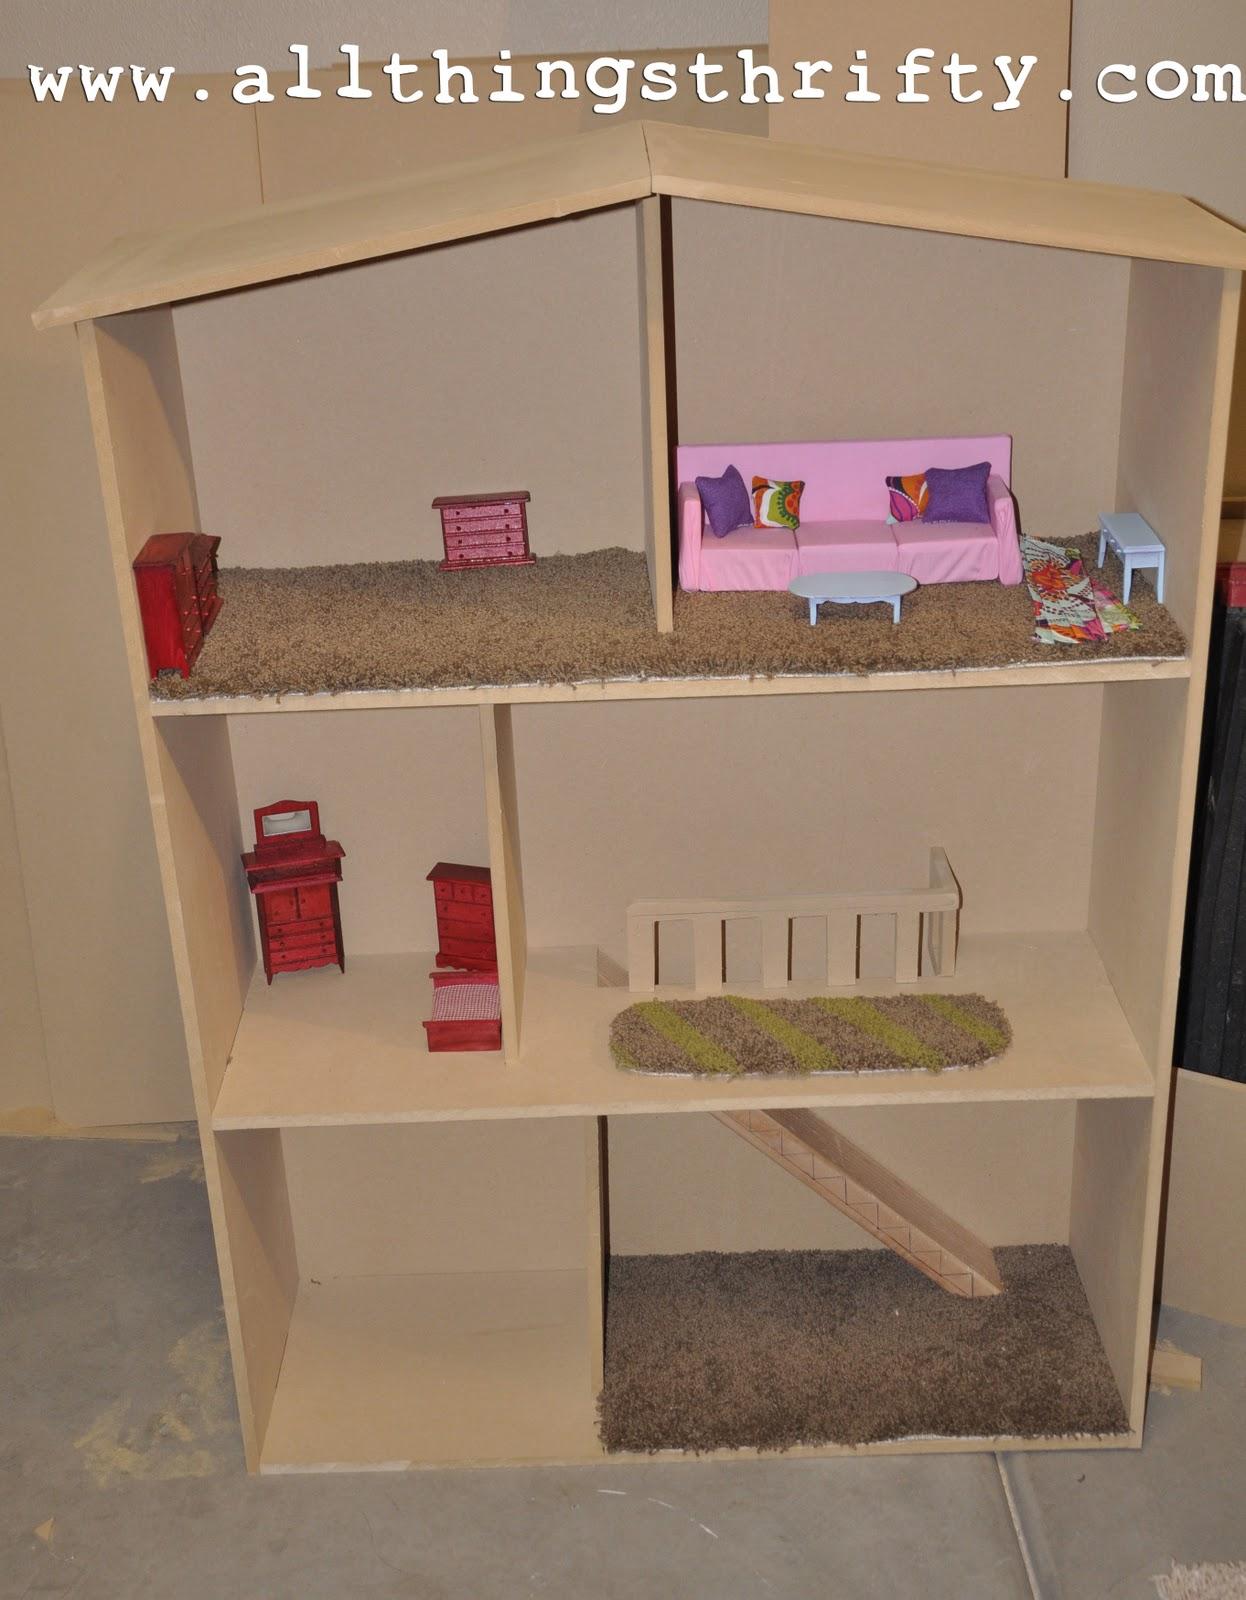 http://3.bp.blogspot.com/_mfwl2KBT-r0/TSSbuGvv3wI/AAAAAAAACfE/MMxRbd3Nx7k/s1600/Barbie%20House%20101.jpg